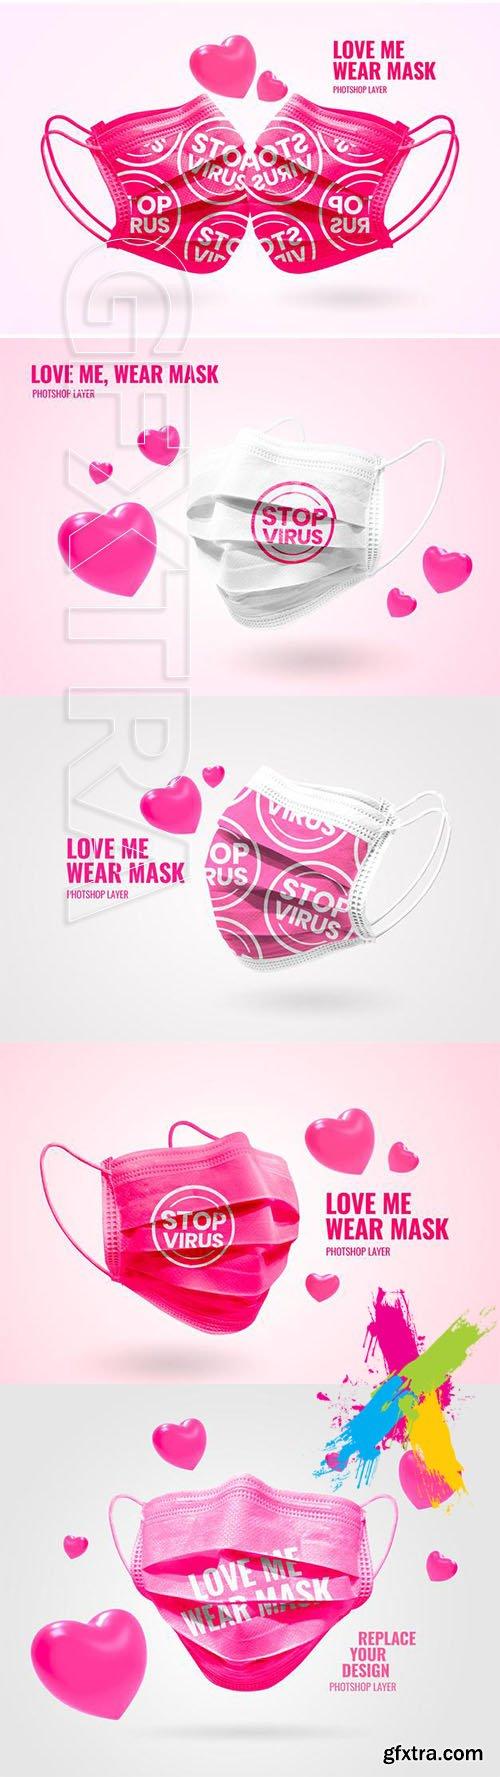 Mask valentine mockup